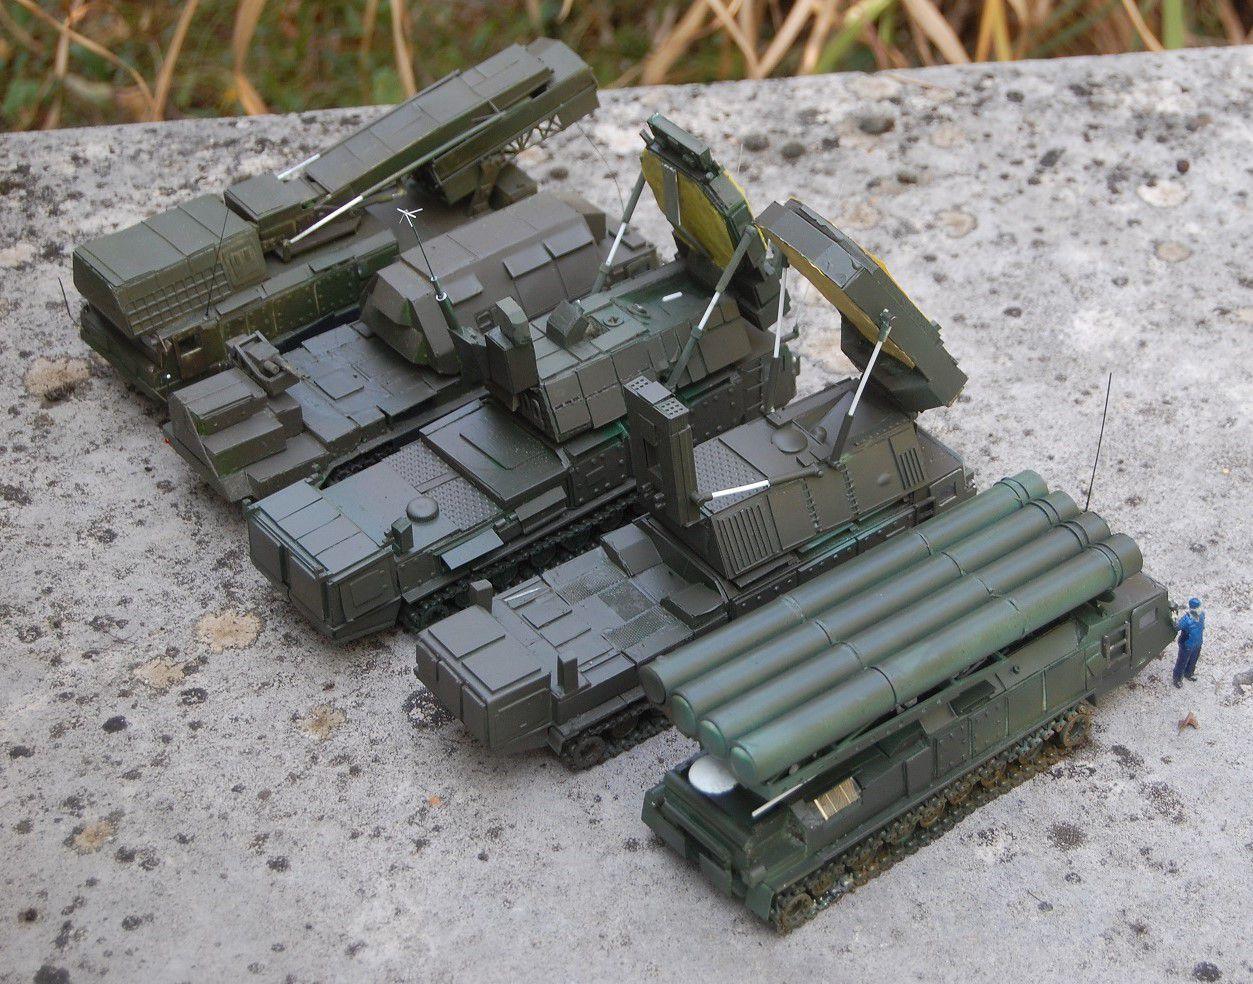 Batterie de défense anti-missile S-300 au 1/50 (par Yves)